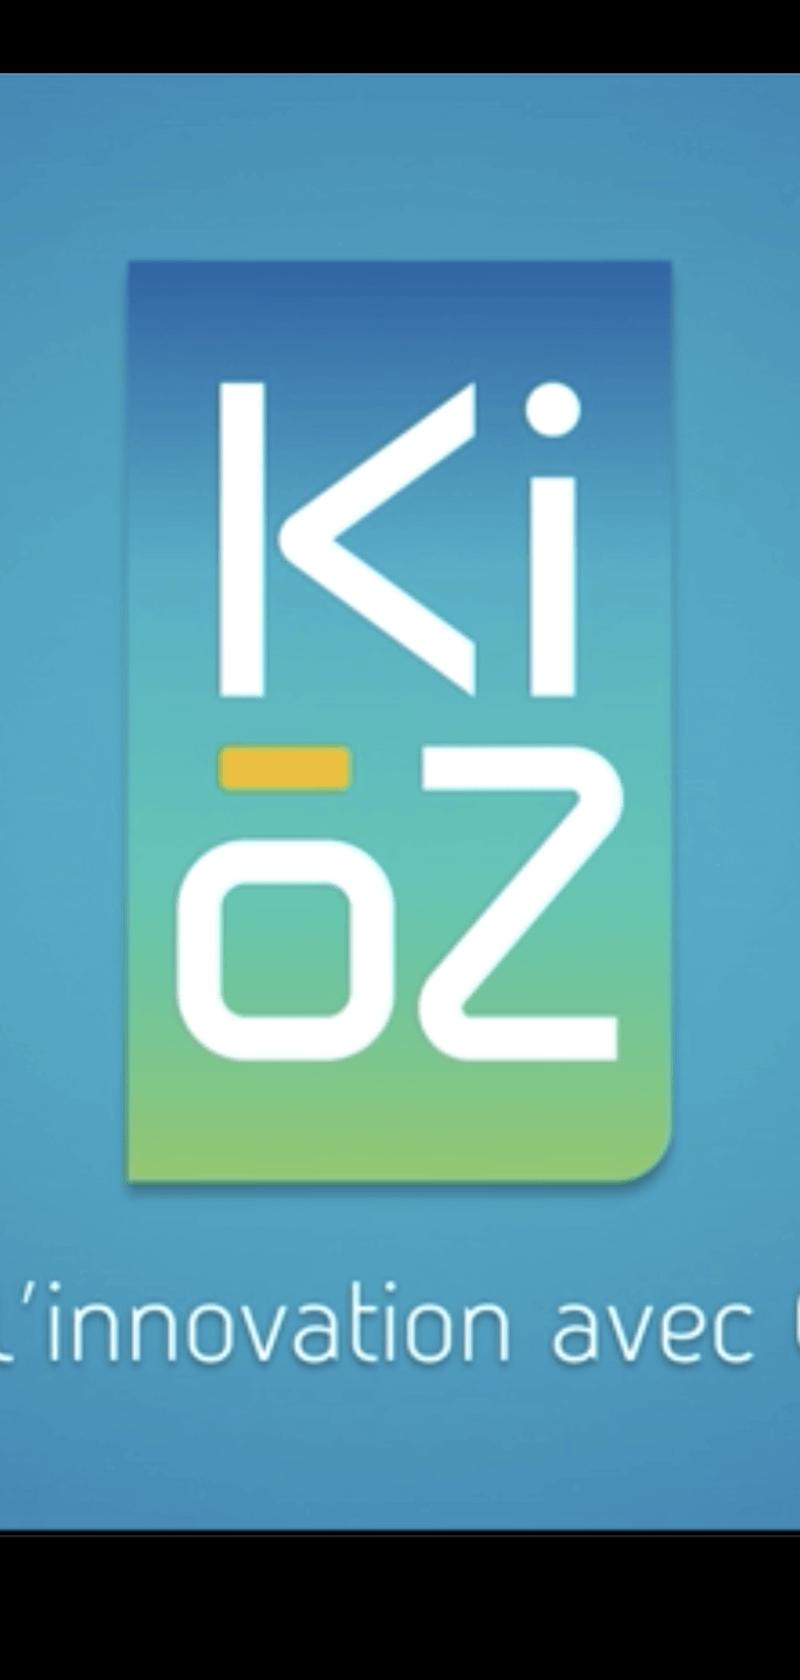 L'innovation chez GRDF avec Ki-oZ